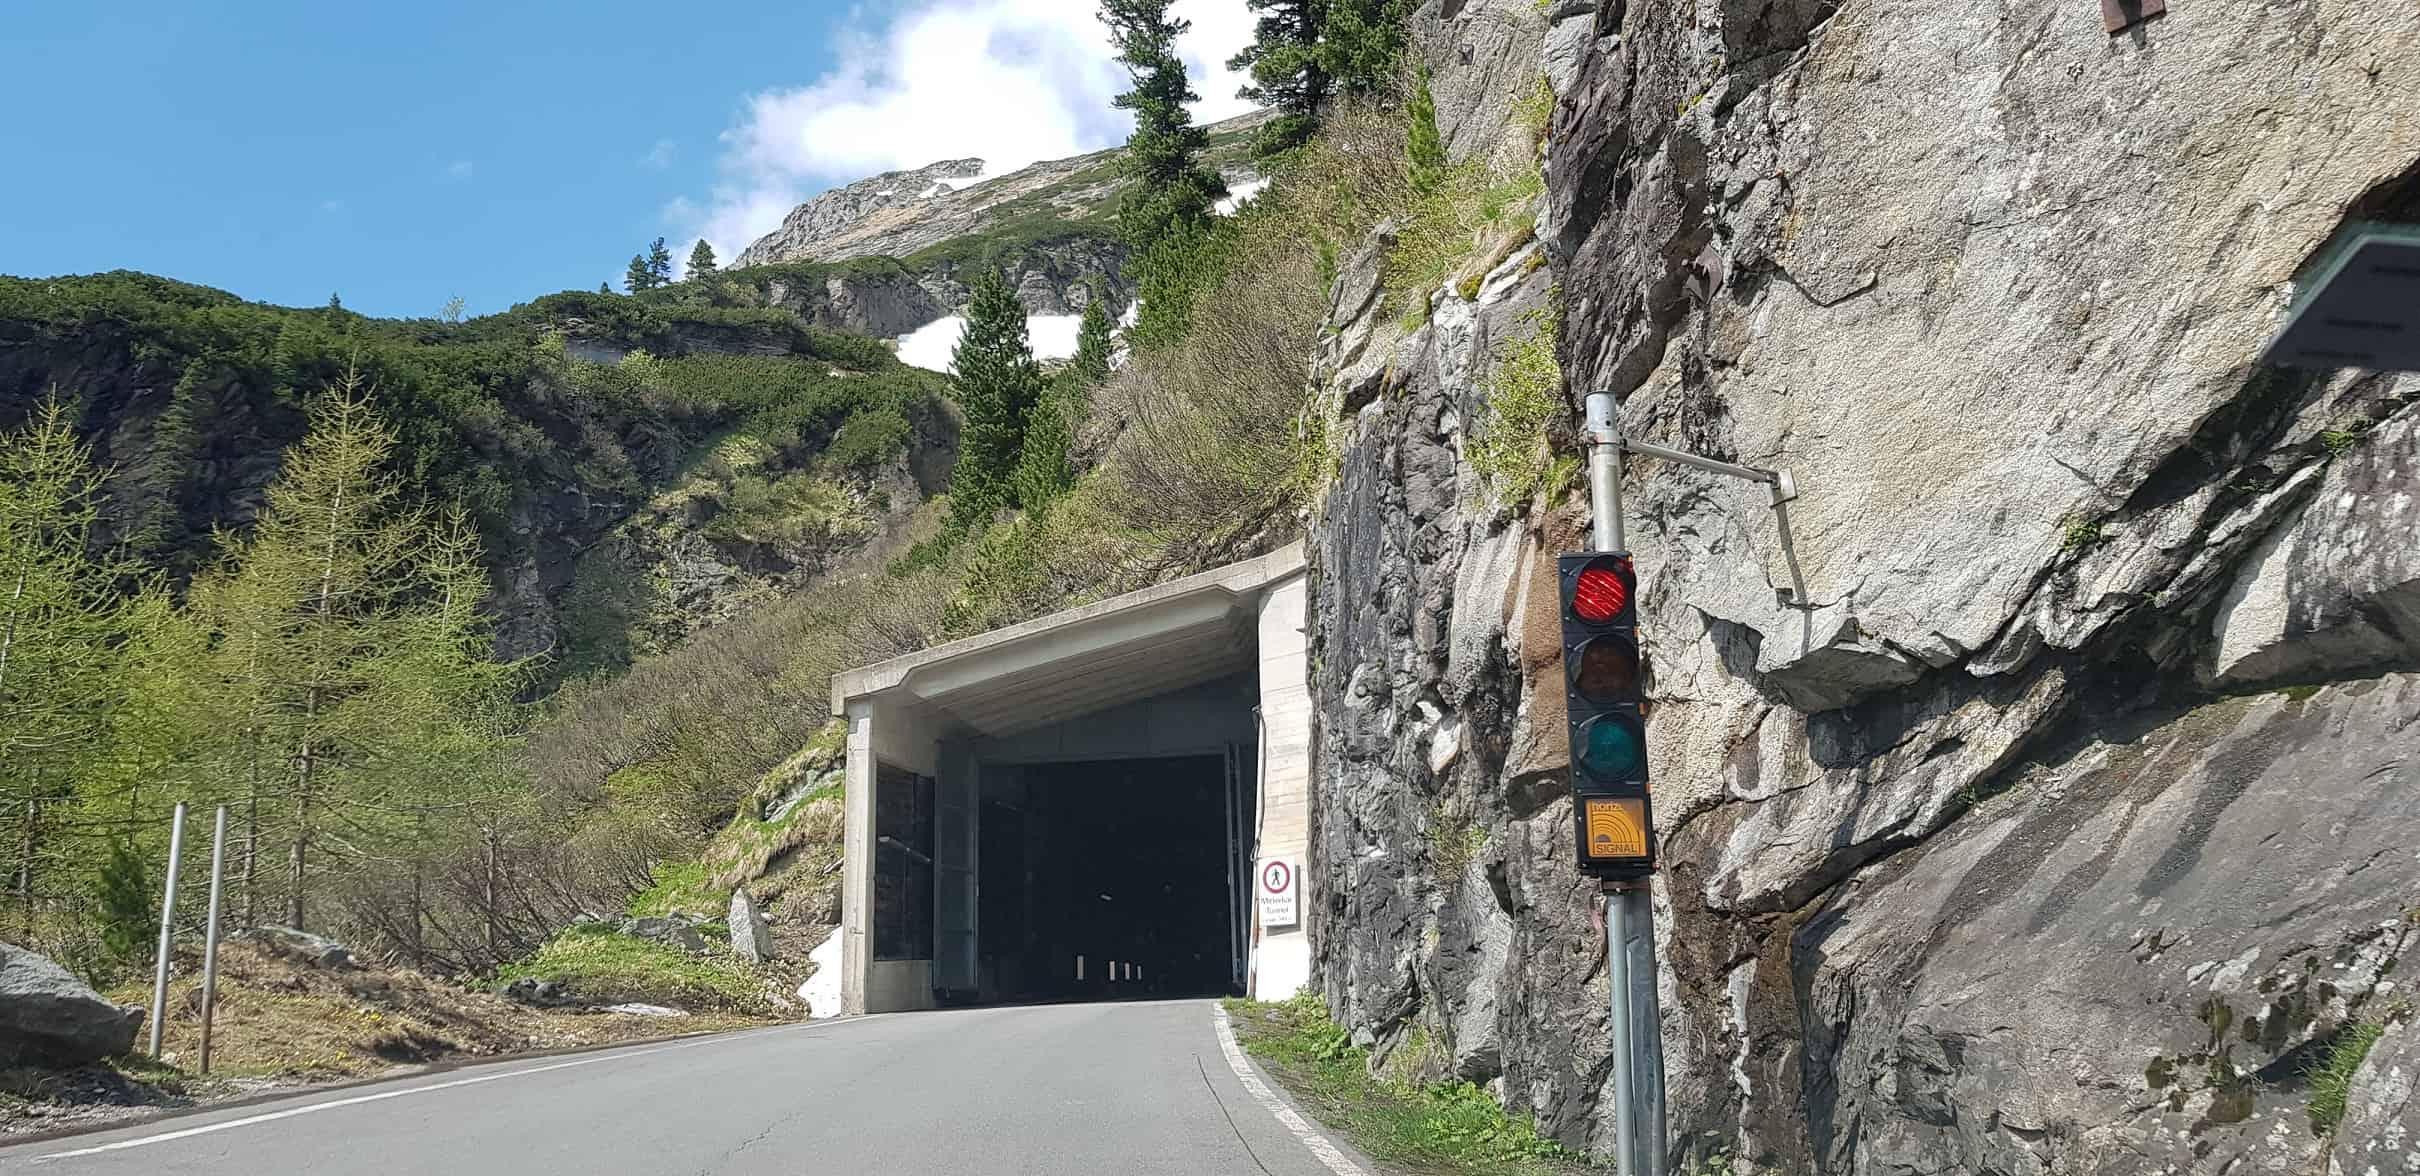 Mautstraße Auffahrt Malta Hochalmstraße - Ampel und Tunnel